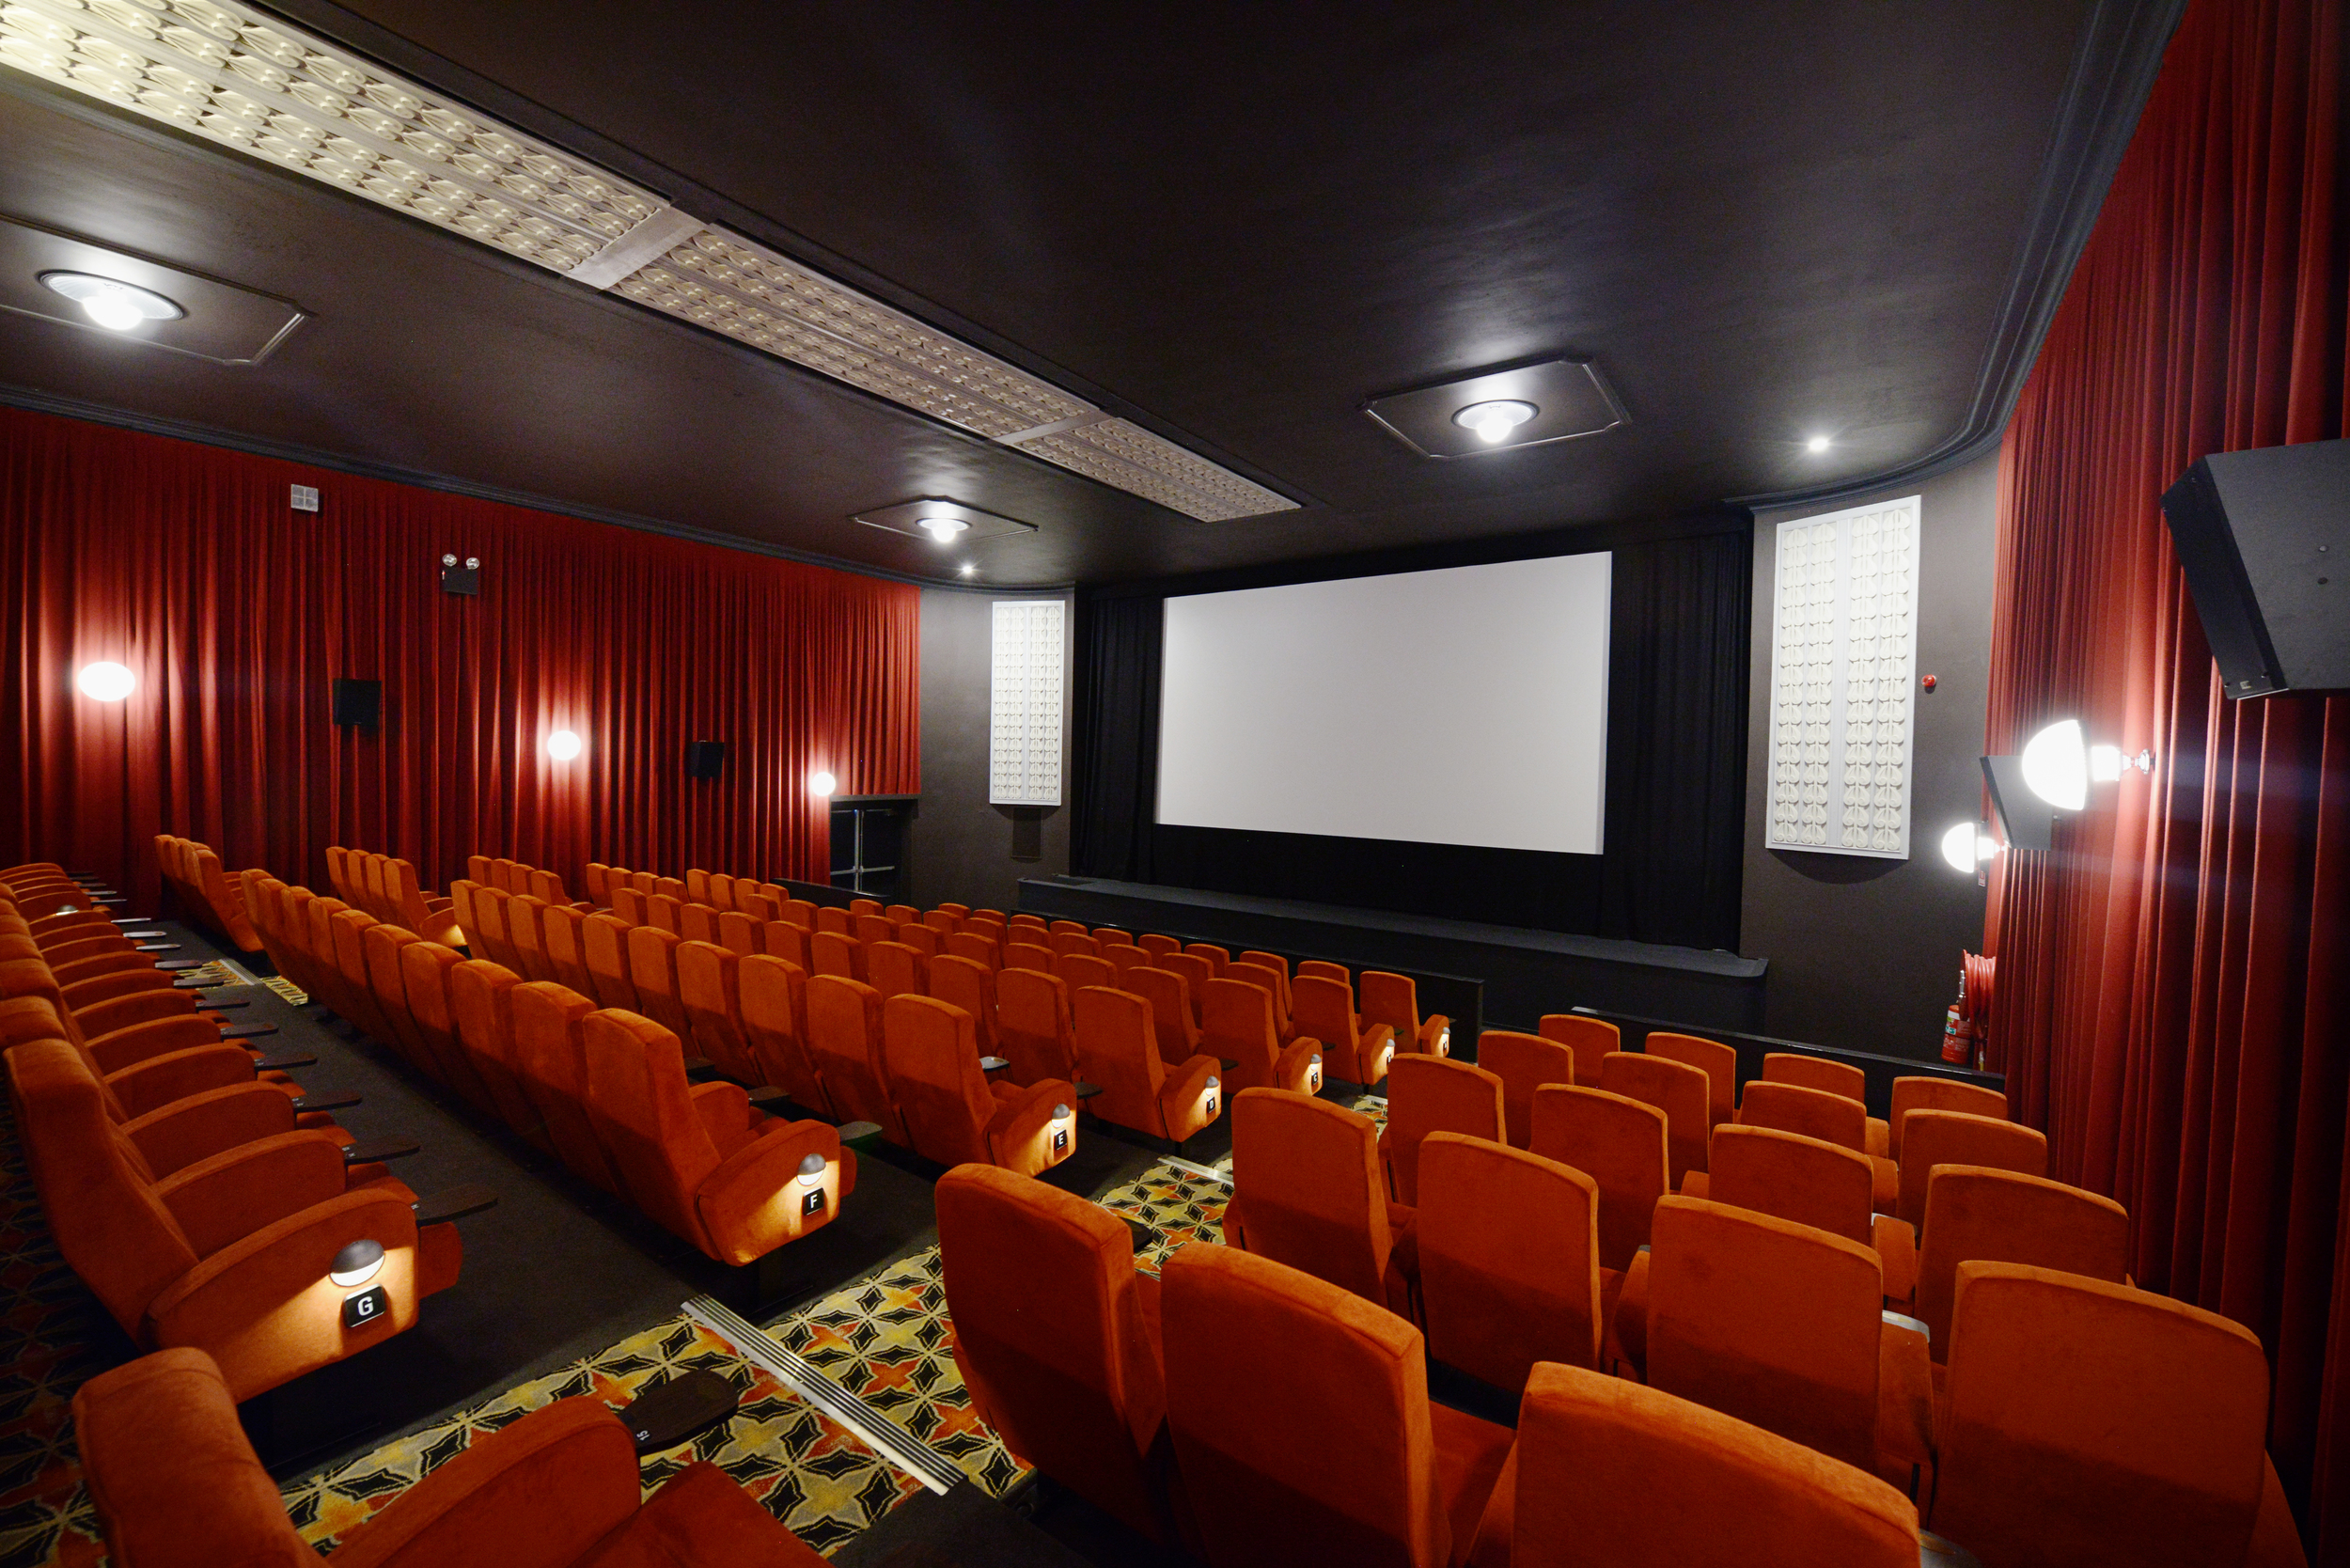 sawtell cinemas 0035.jpg